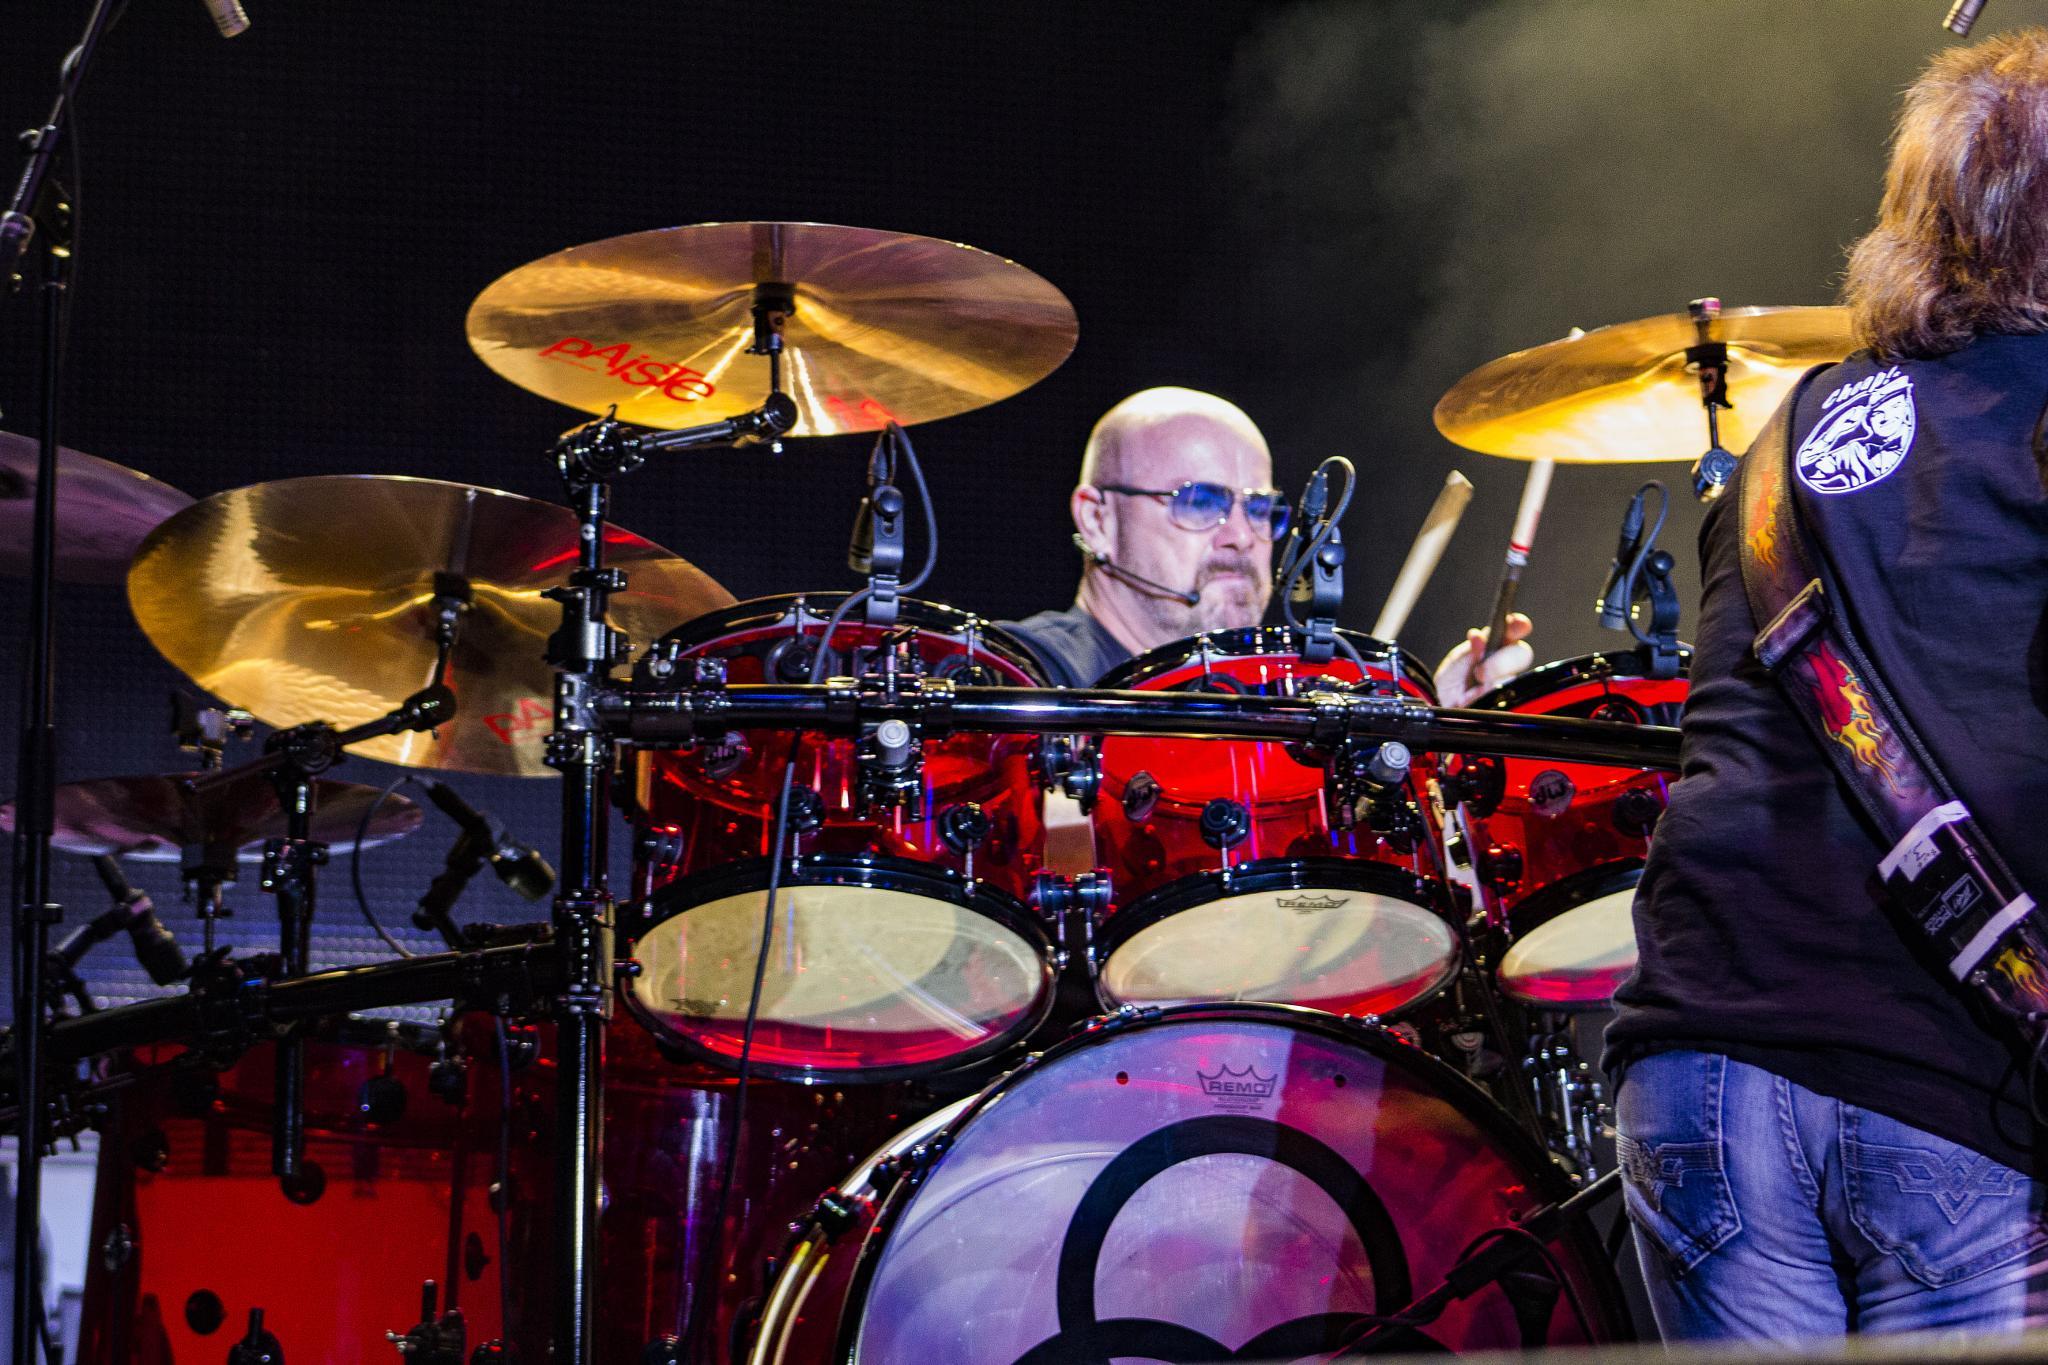 Jason Bonham - Son of the Legendary John Bonham of Led Zeppelin by Cheri Kern Photography